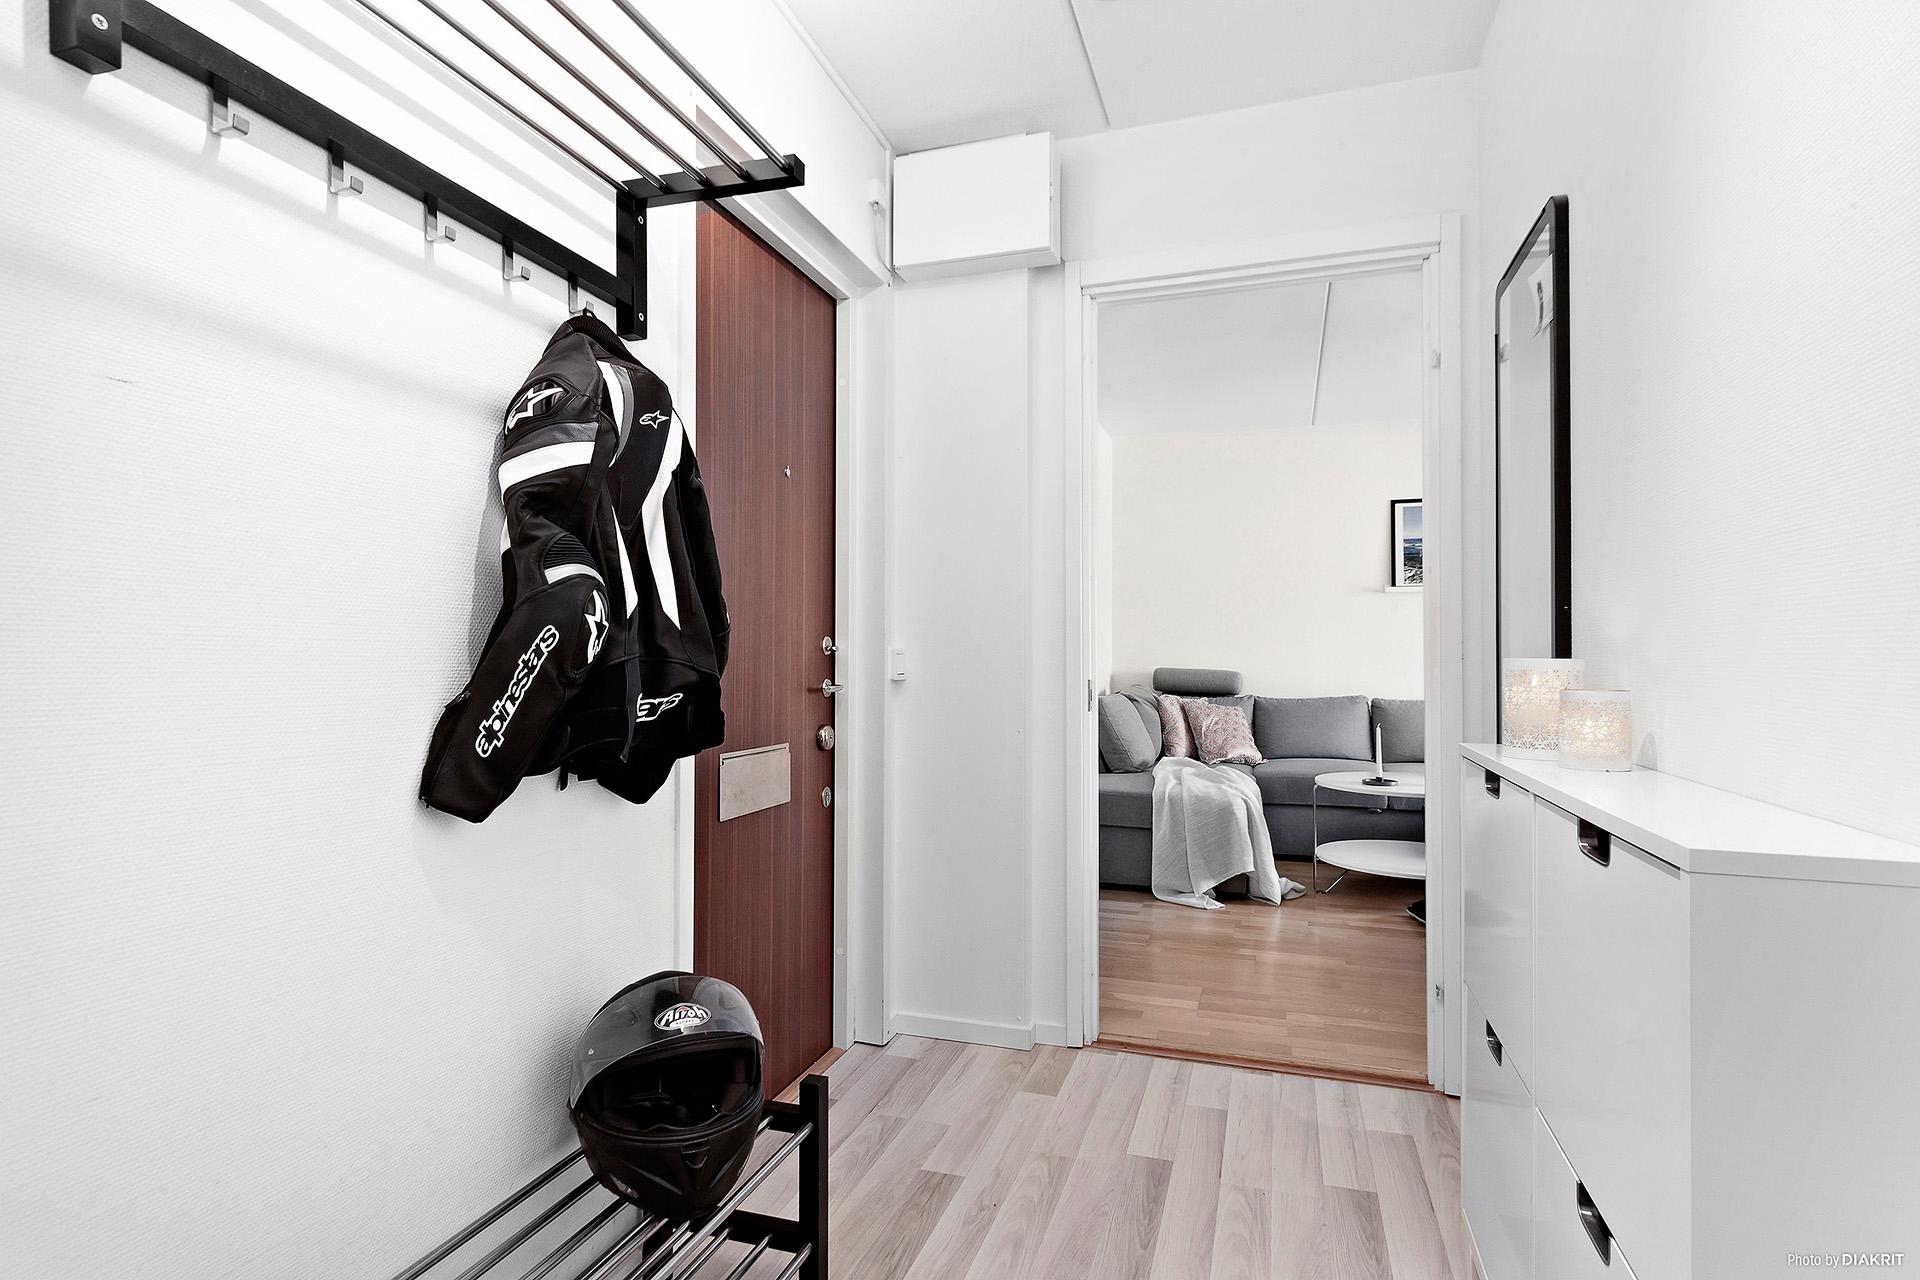 Bra hall med avhängning och garderobsskåp